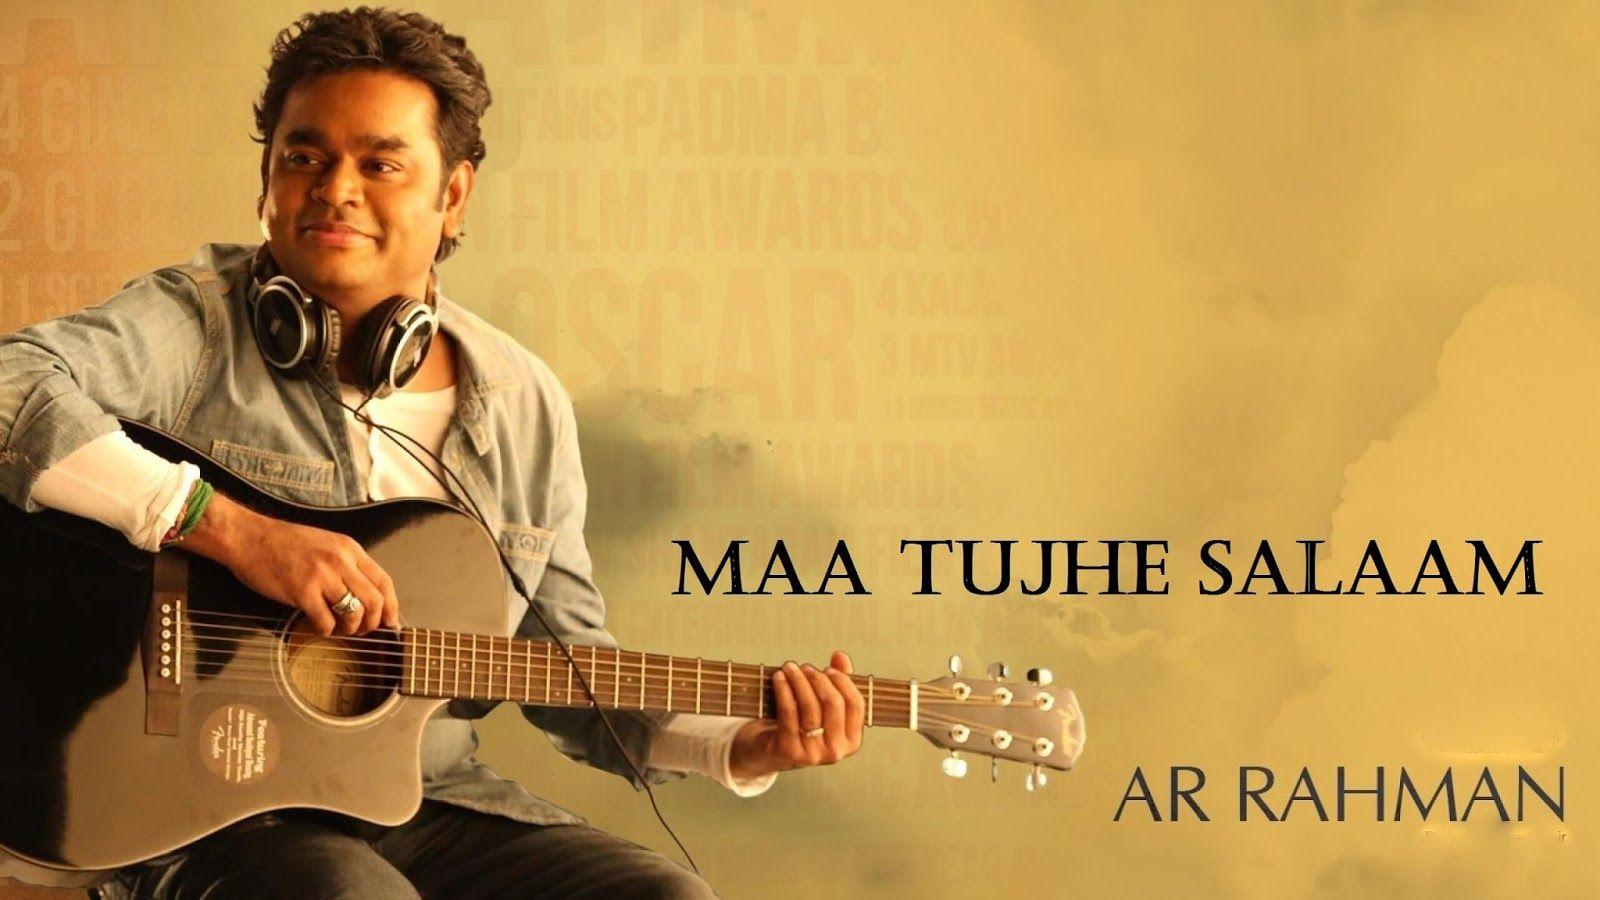 Maa Tujhe Salaam Song Lyrics In Hindi